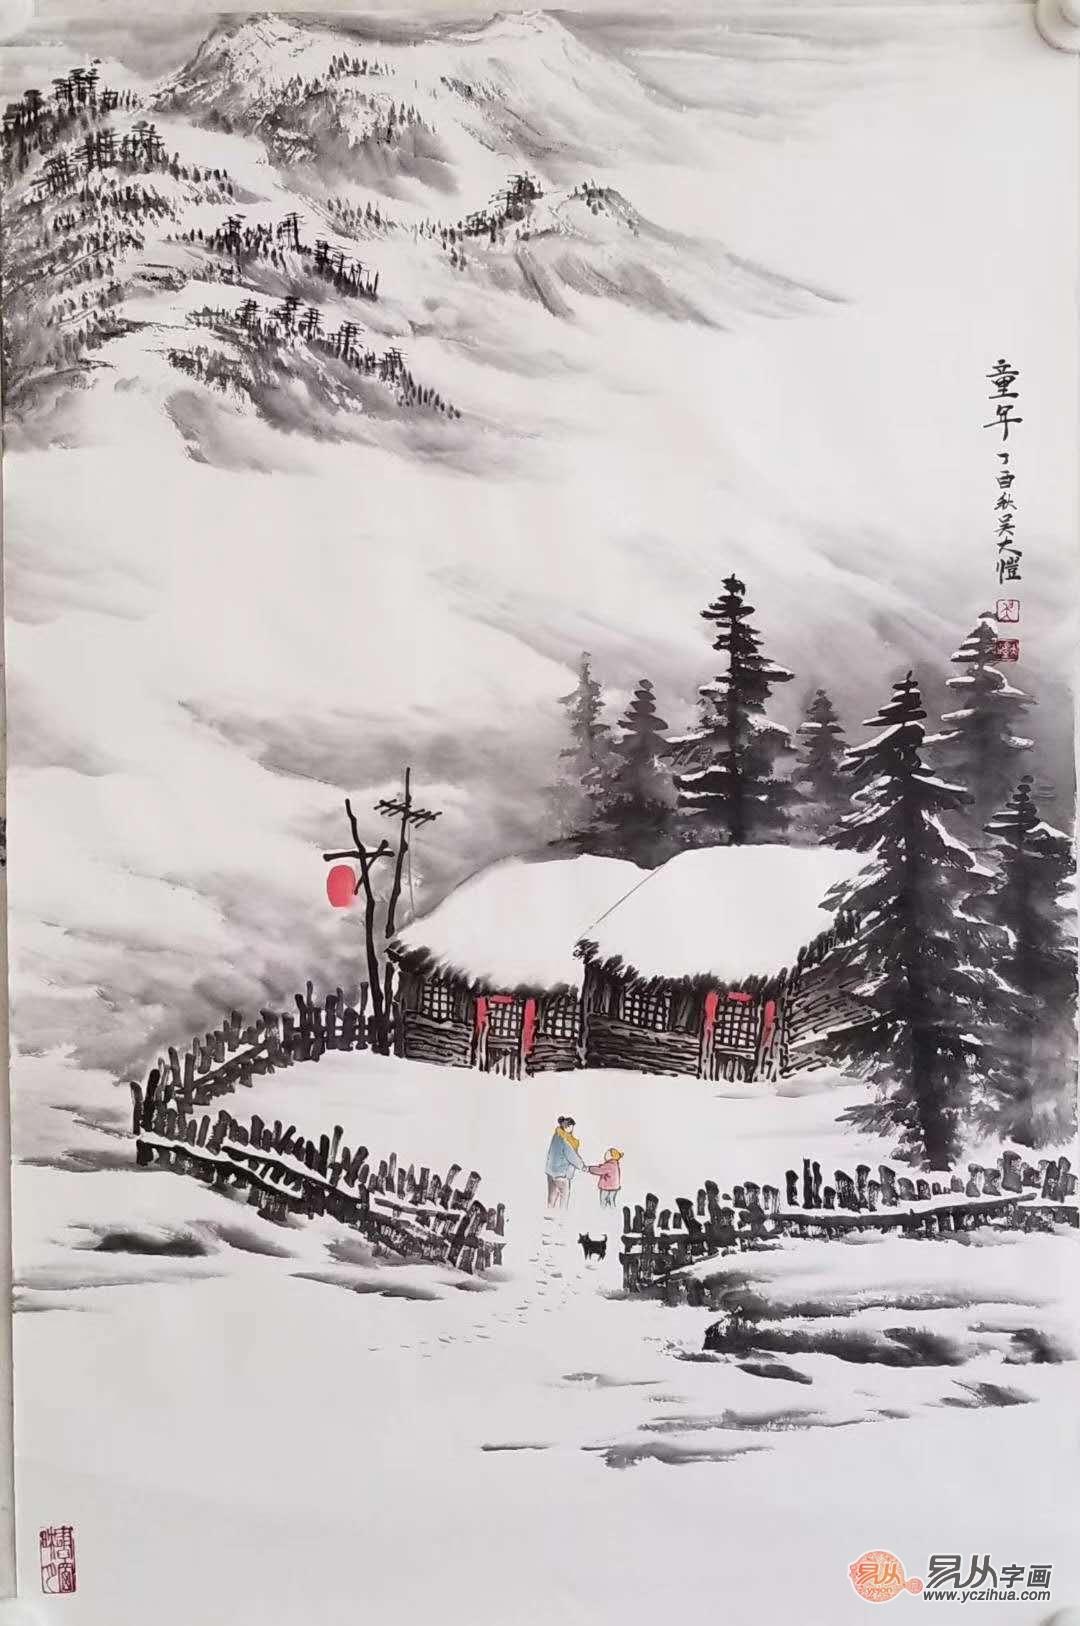 吴大恺雪景山水画收藏定制,易从网是您最安心选择!图片